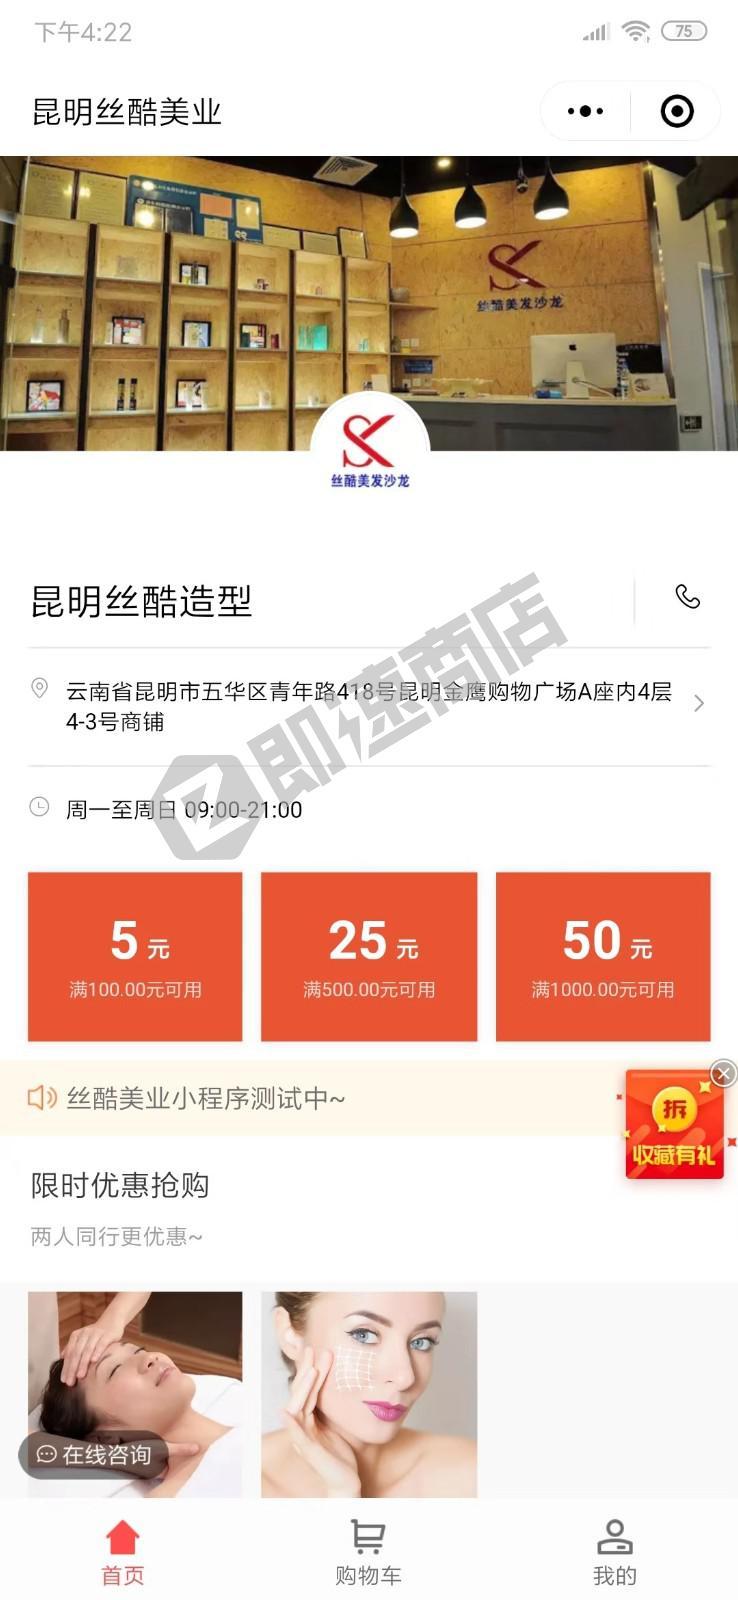 昆明SK美业小程序首页截图